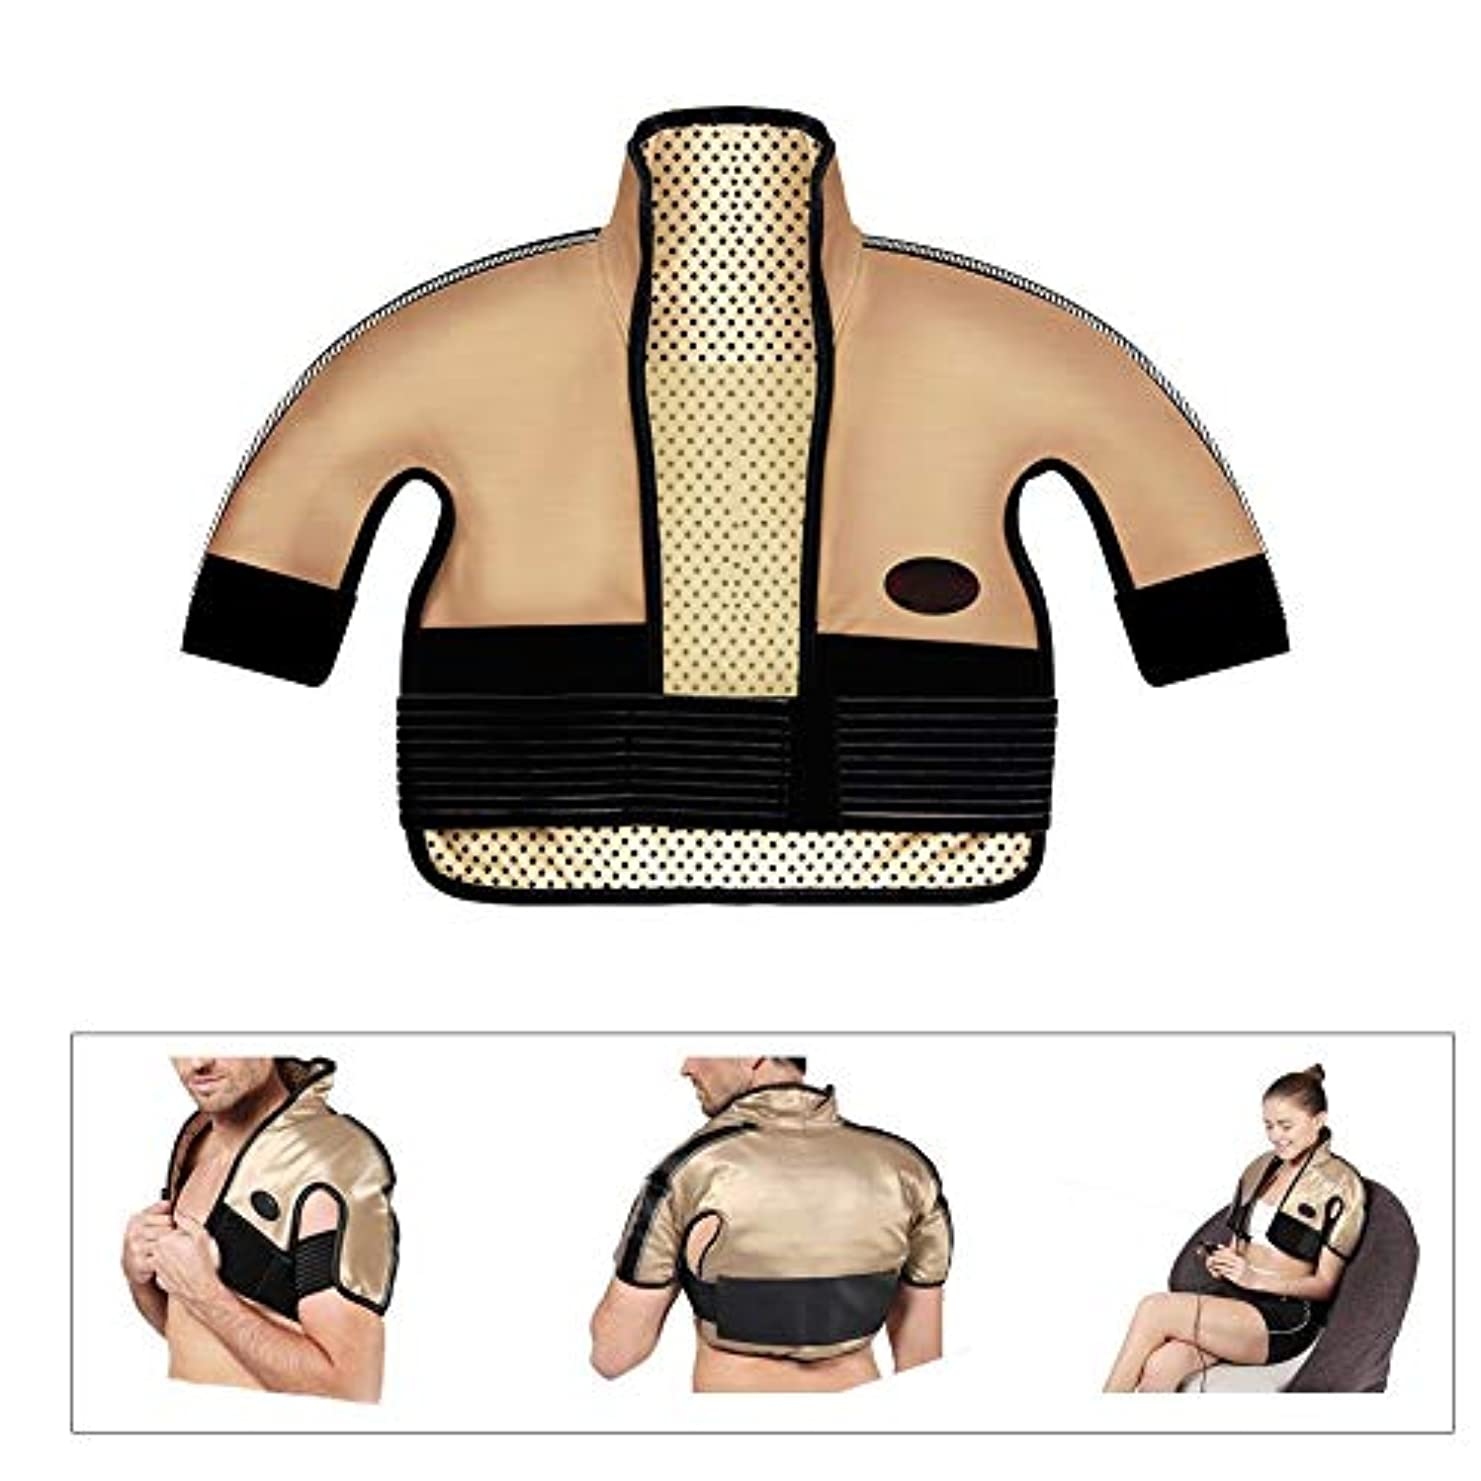 女の子モーションゴールド肩と首の電気加熱パッド - 混練加熱、痛み緩和加熱パッドを叩く、医療用品マッサージベスト(肩幅用:40-65CM)